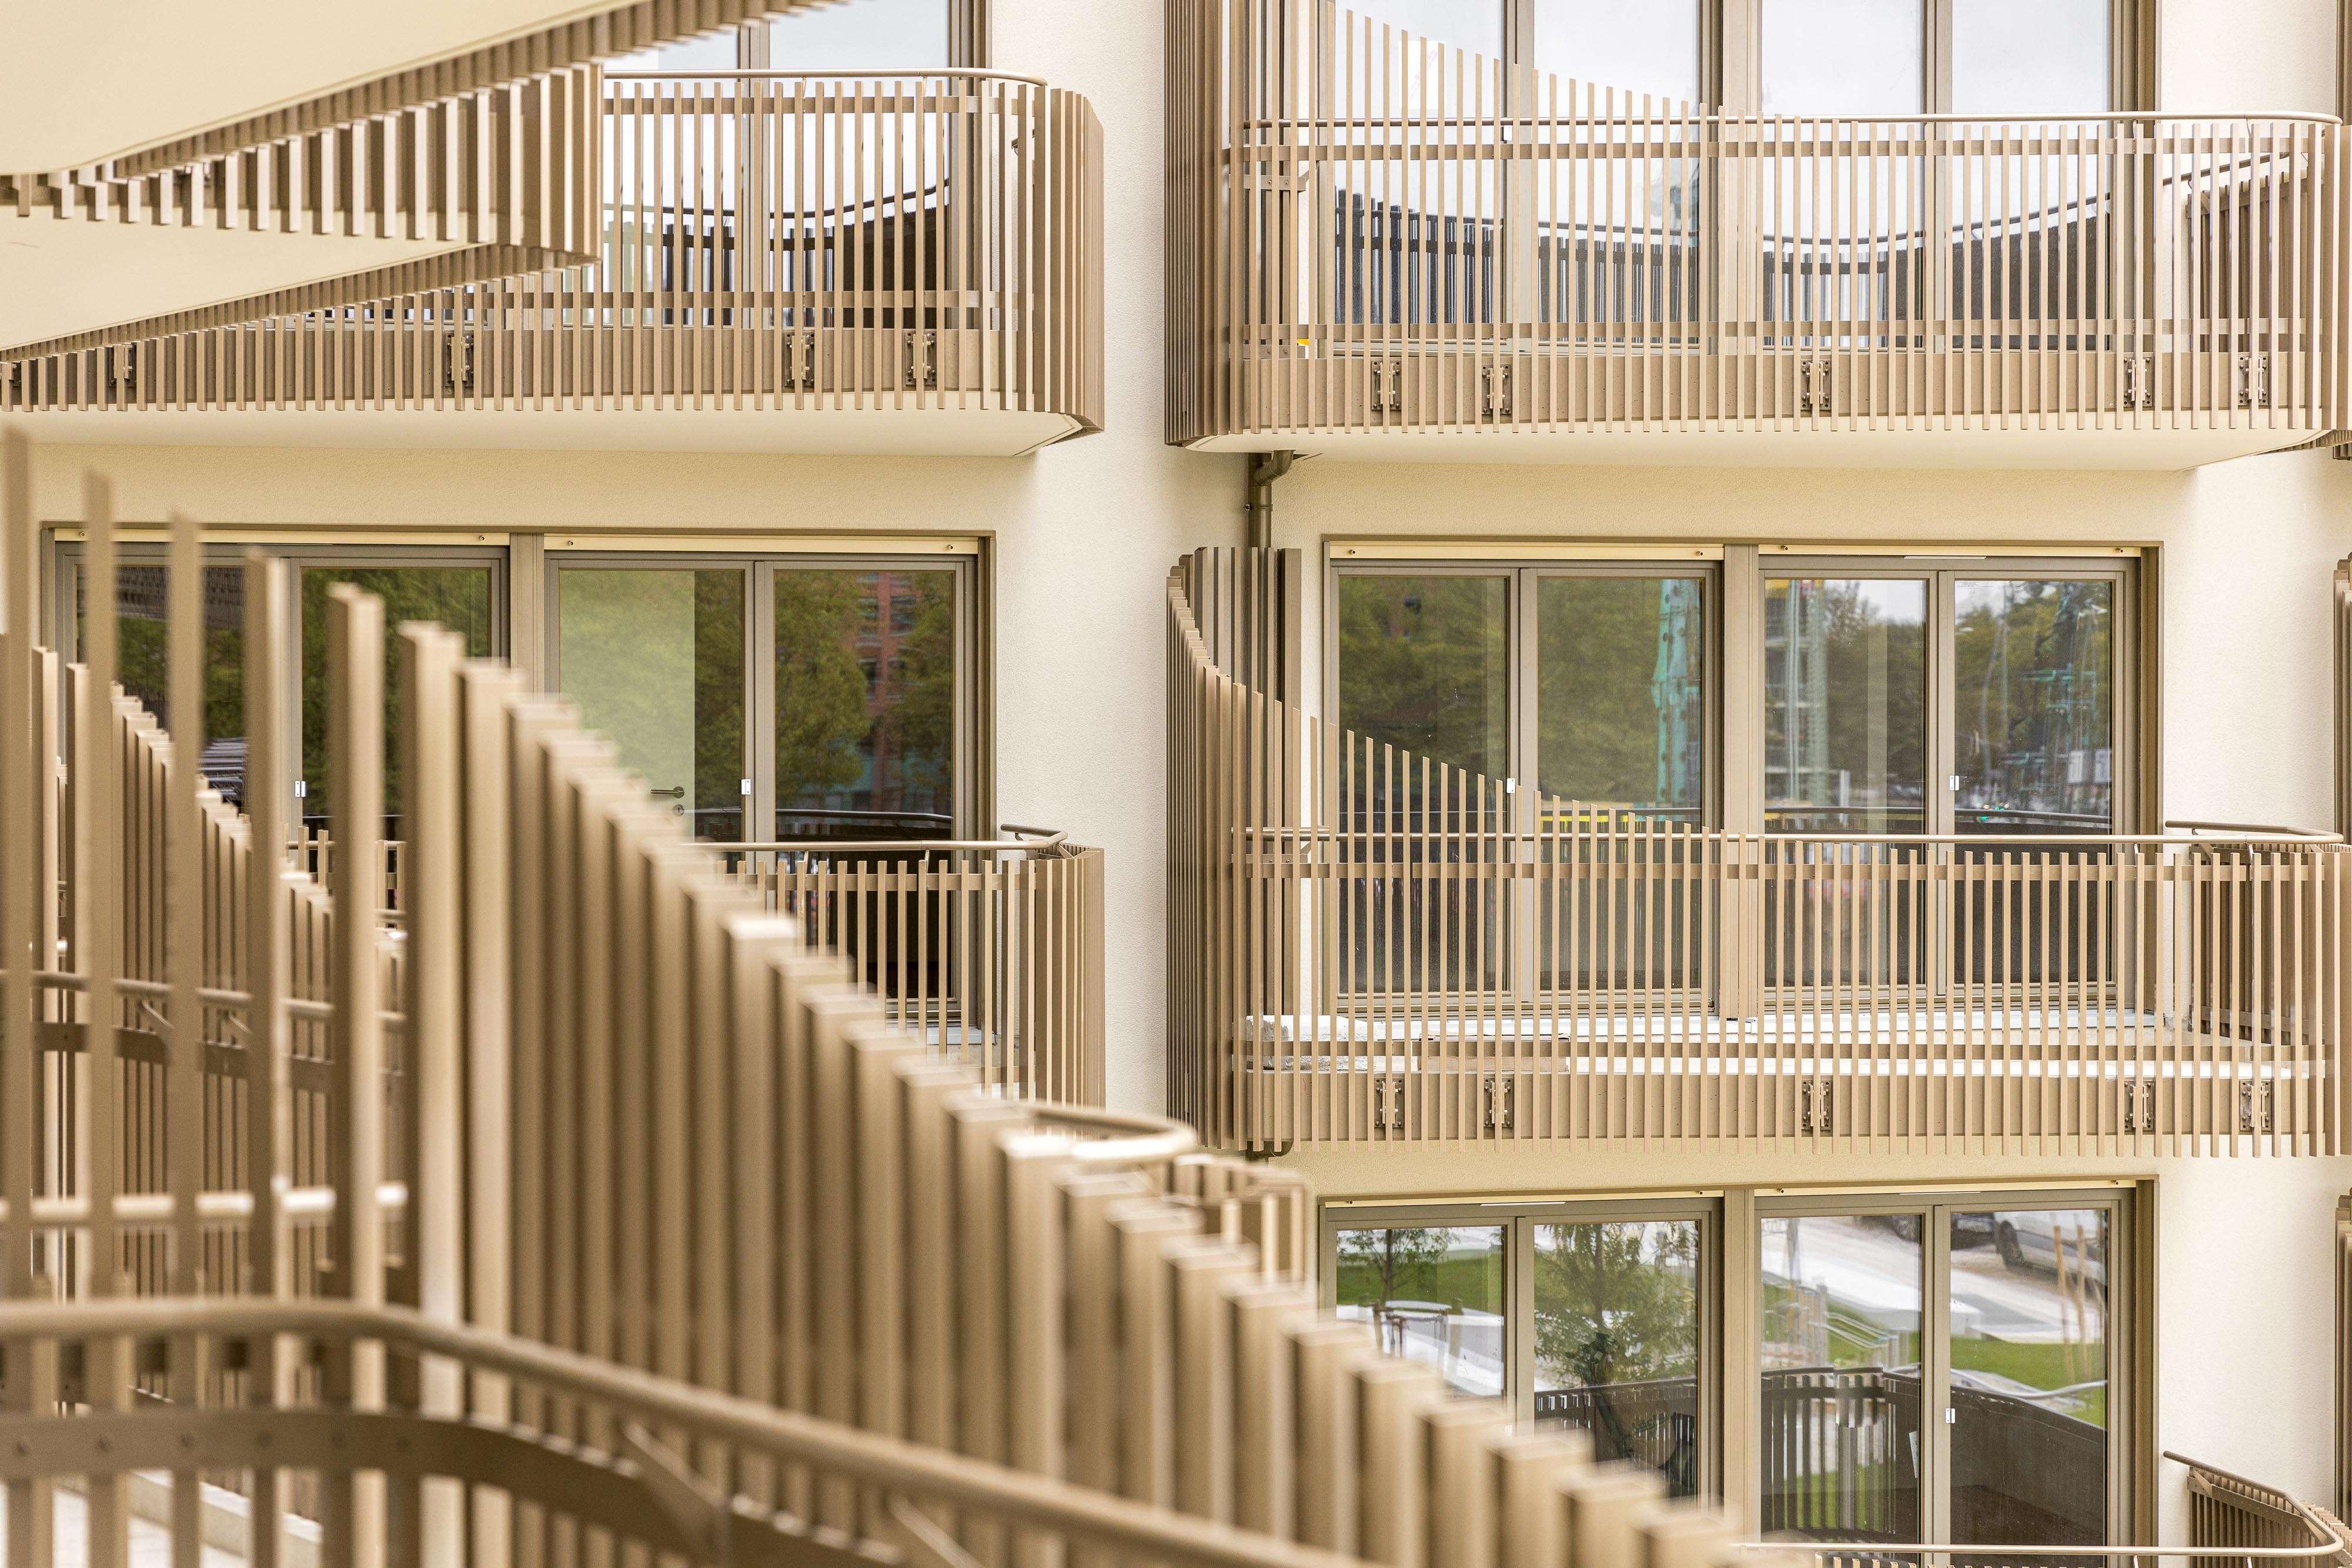 Neubau - Erstbezug * tolles voll möbliertes Apartment mit großem Südbalkon direkt an U5/U7 in Perlach (München)